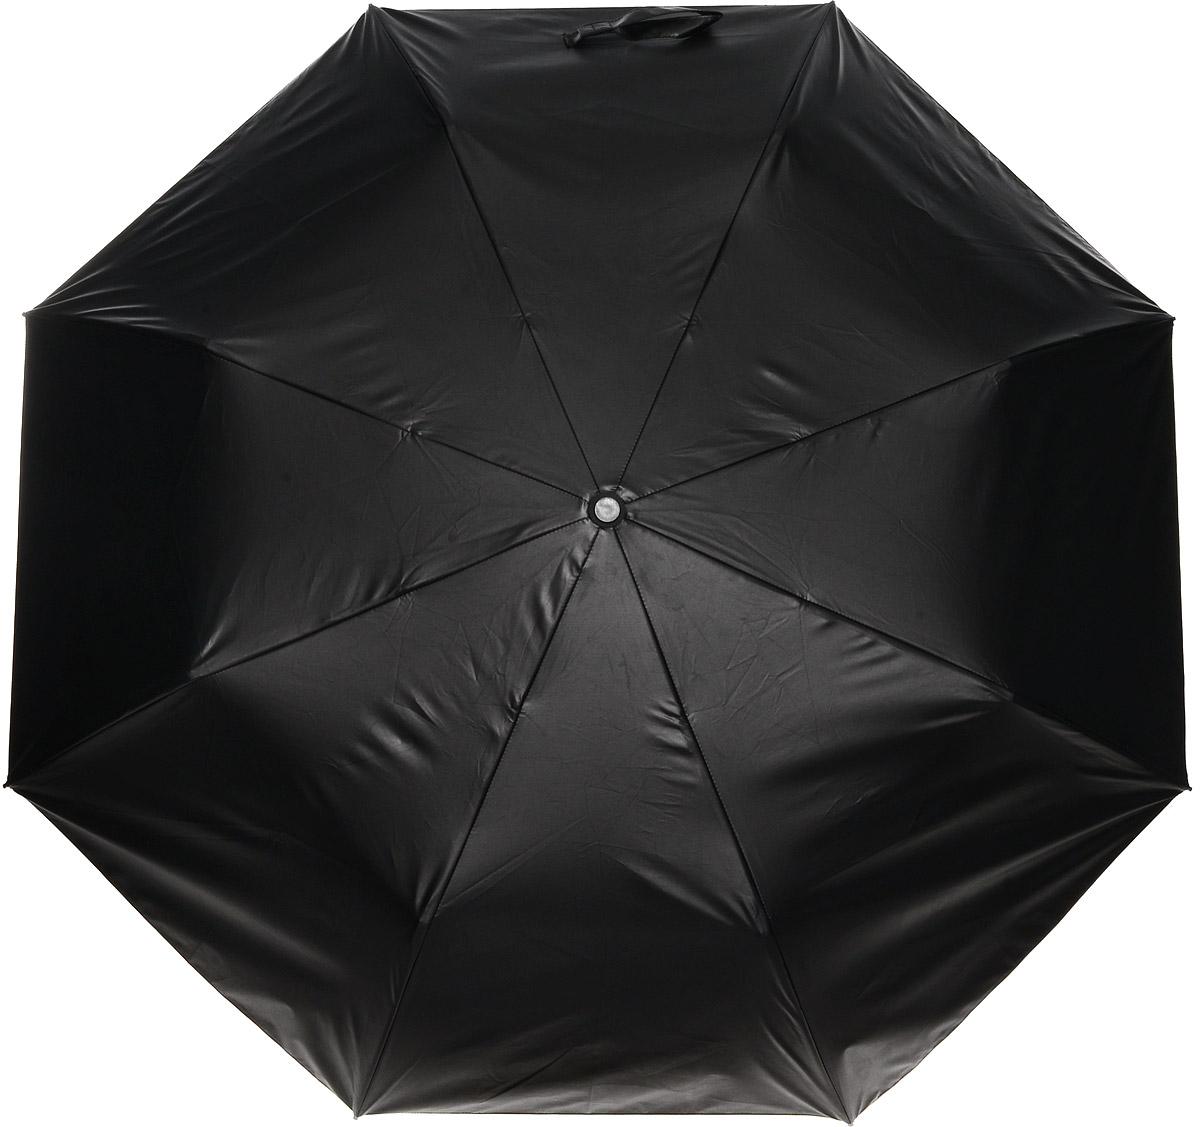 Зонт женский Vera Victoria Vito, механика, 3 сложения, цвет: черный, красный. 20-700-345100032/35449/3537AЗонт Vera Victoria Vito надежно защитит вас от дождя. Купол выполнен из высококачественного нейлона, который не пропускает воду. Внутренняя сторона купола оформлена оригинальным принтом. Каркас зонта и спицы выполнены из высококачественного металла.Удобная ручка выполнена из пластика и дополнена эластичной резинкой. Зонт имеет автоматический тип сложения: открывается и закрывается при нажатии на кнопку. В комплект входит чехол.